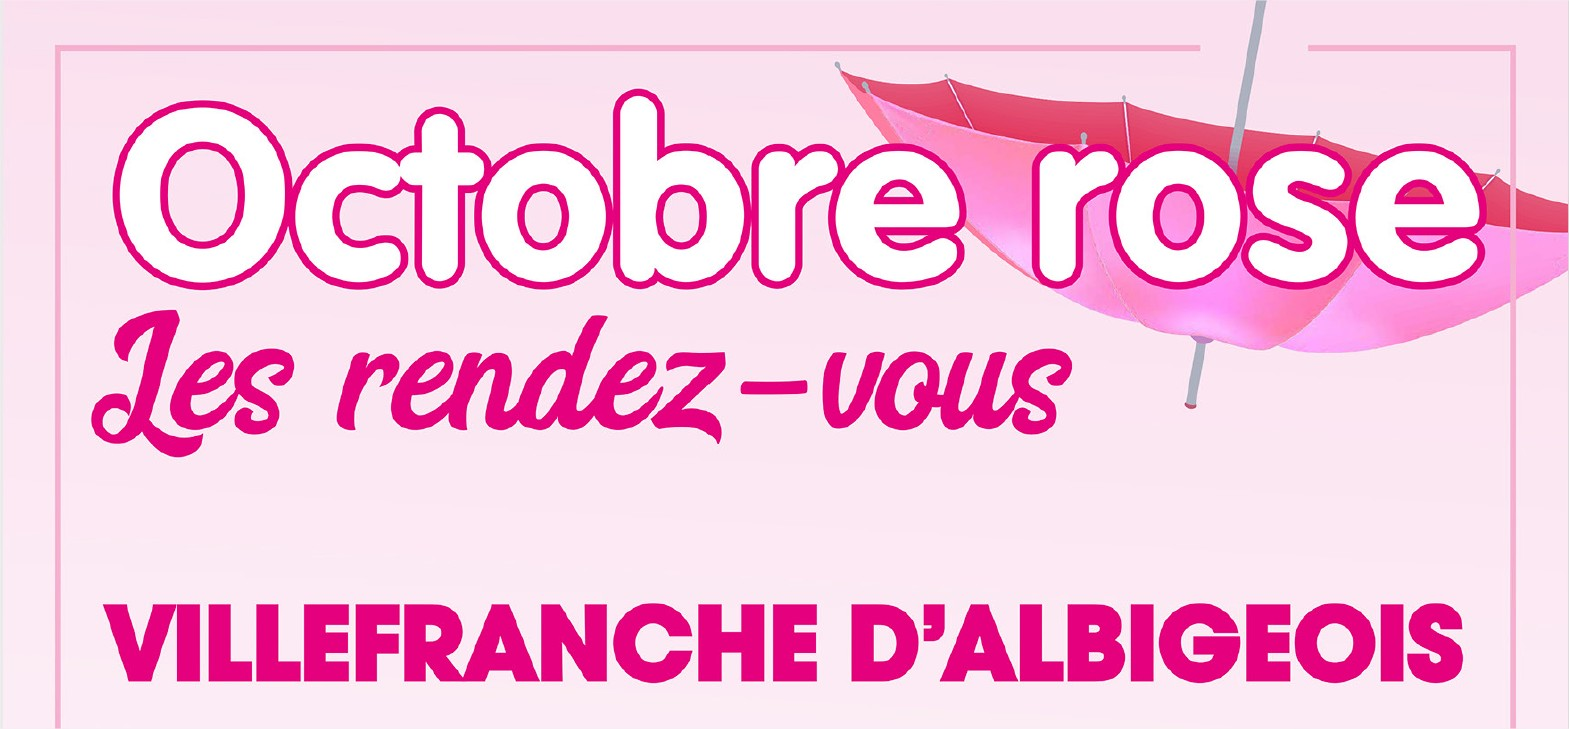 Octobre Rose à Villefranche d'Albigeois 1ère édition